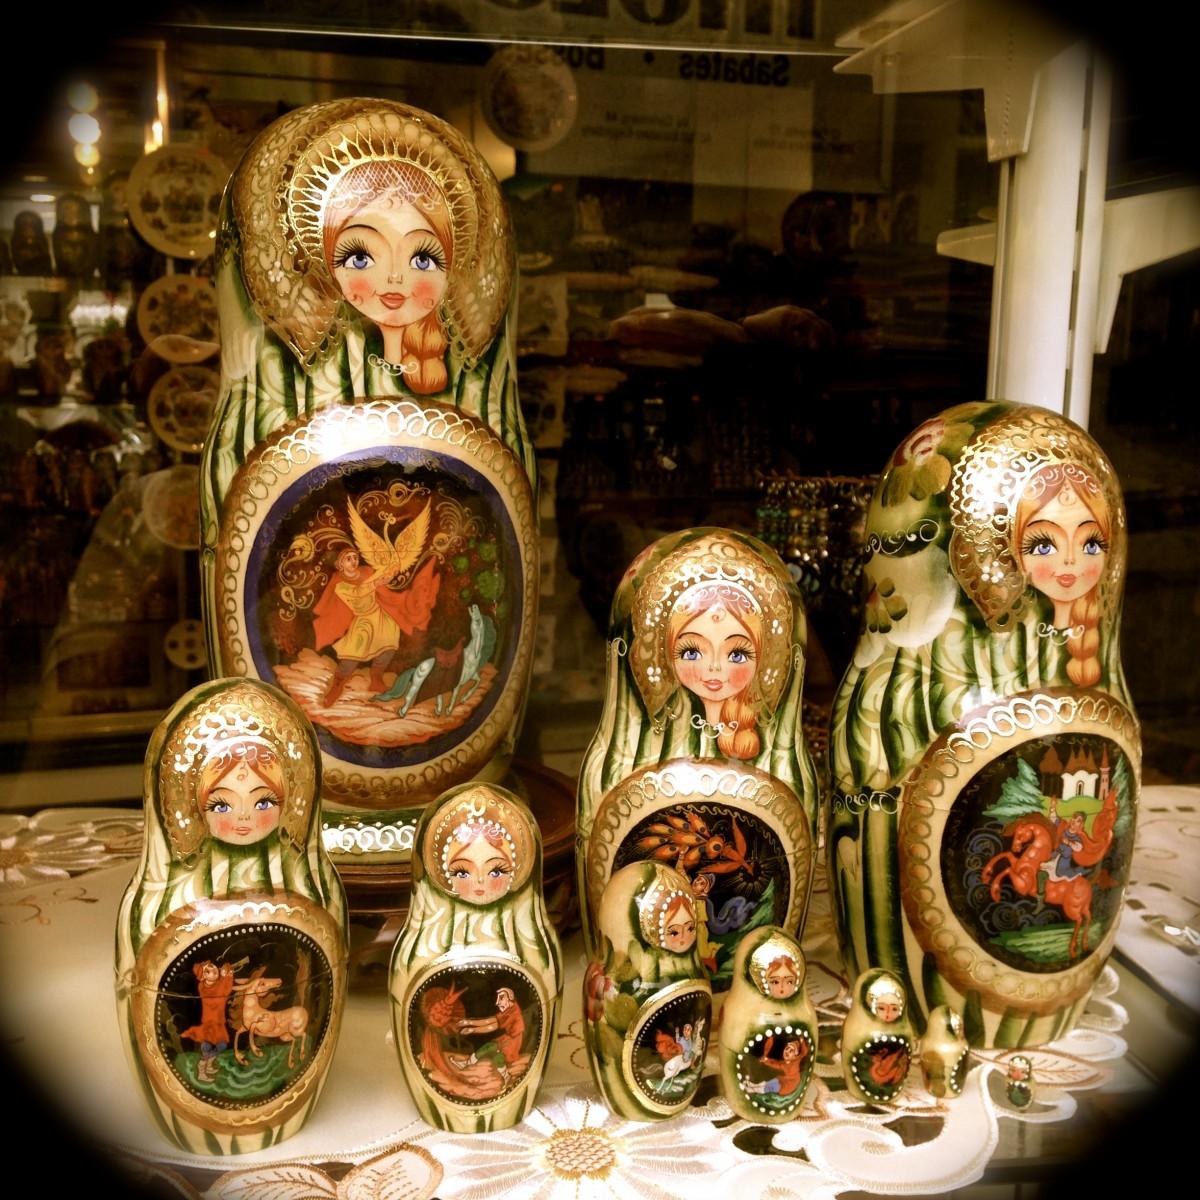 hình ảnh : Trang trí giáng sinh, nghệ thuật, đồ thủ công, chạm khắc, Búp bê  Nga, lịch sử cổ đại, Matrioshkas 2448x2448 - - 729287 - hình ảnh đẹp -  PxHere